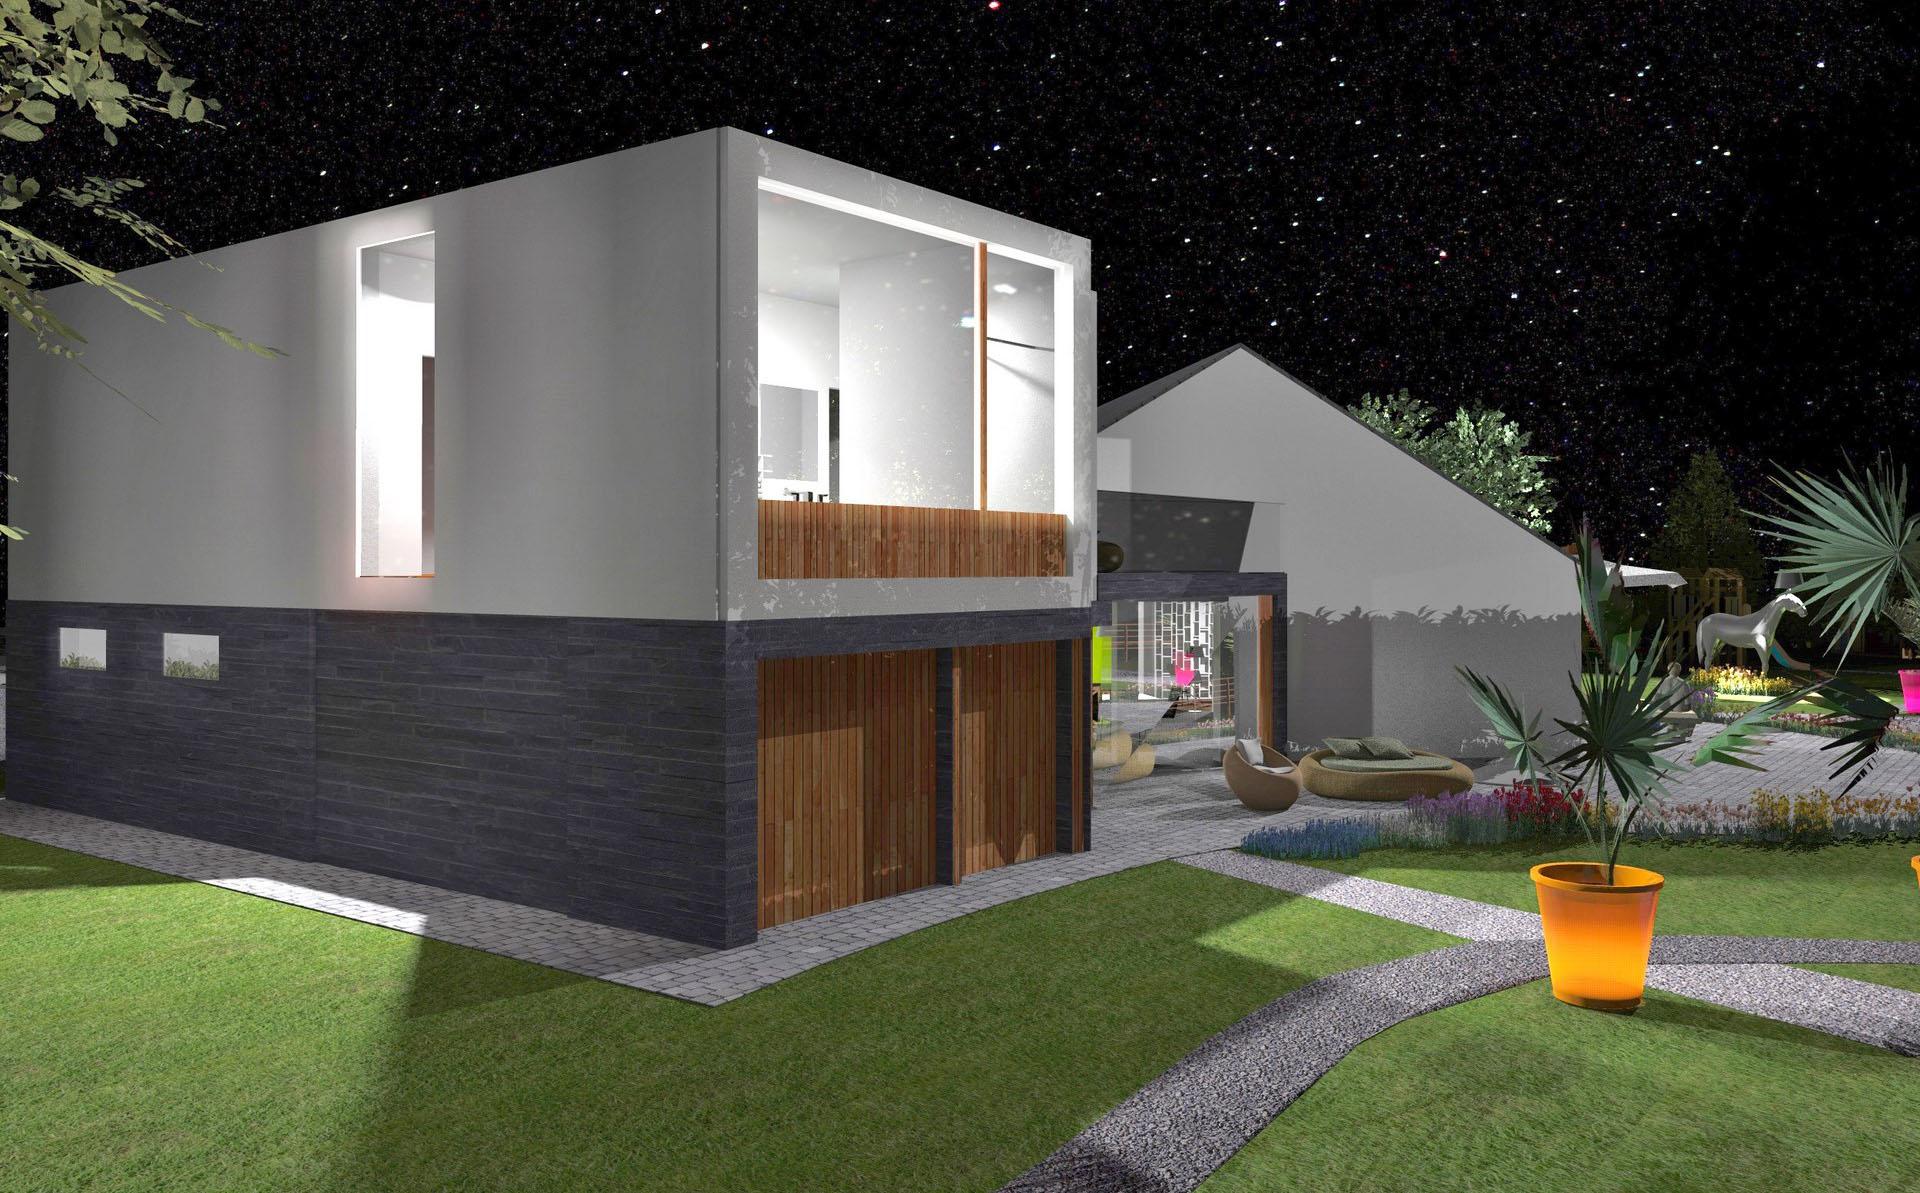 extension toiture terrasse parement pierre prestige bardage bois nuit agence avous